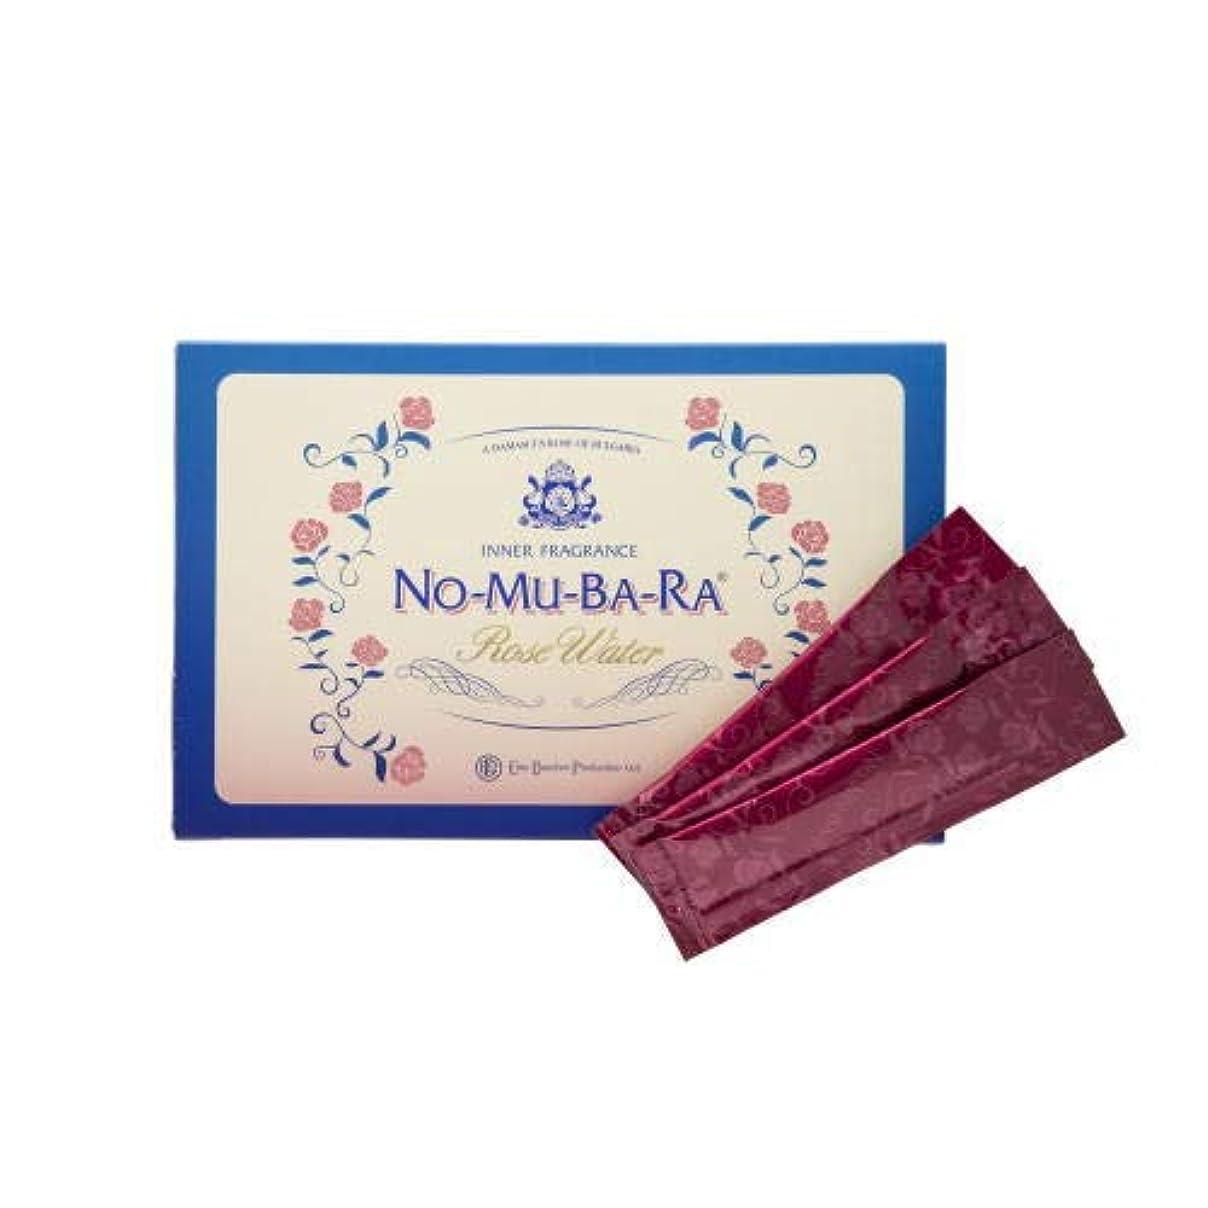 疲労隠ステッチNO-MU-BA-RA NO-MU-BA-RA(ノムバラ)(35包入)×2箱【モンドセレクション受賞】